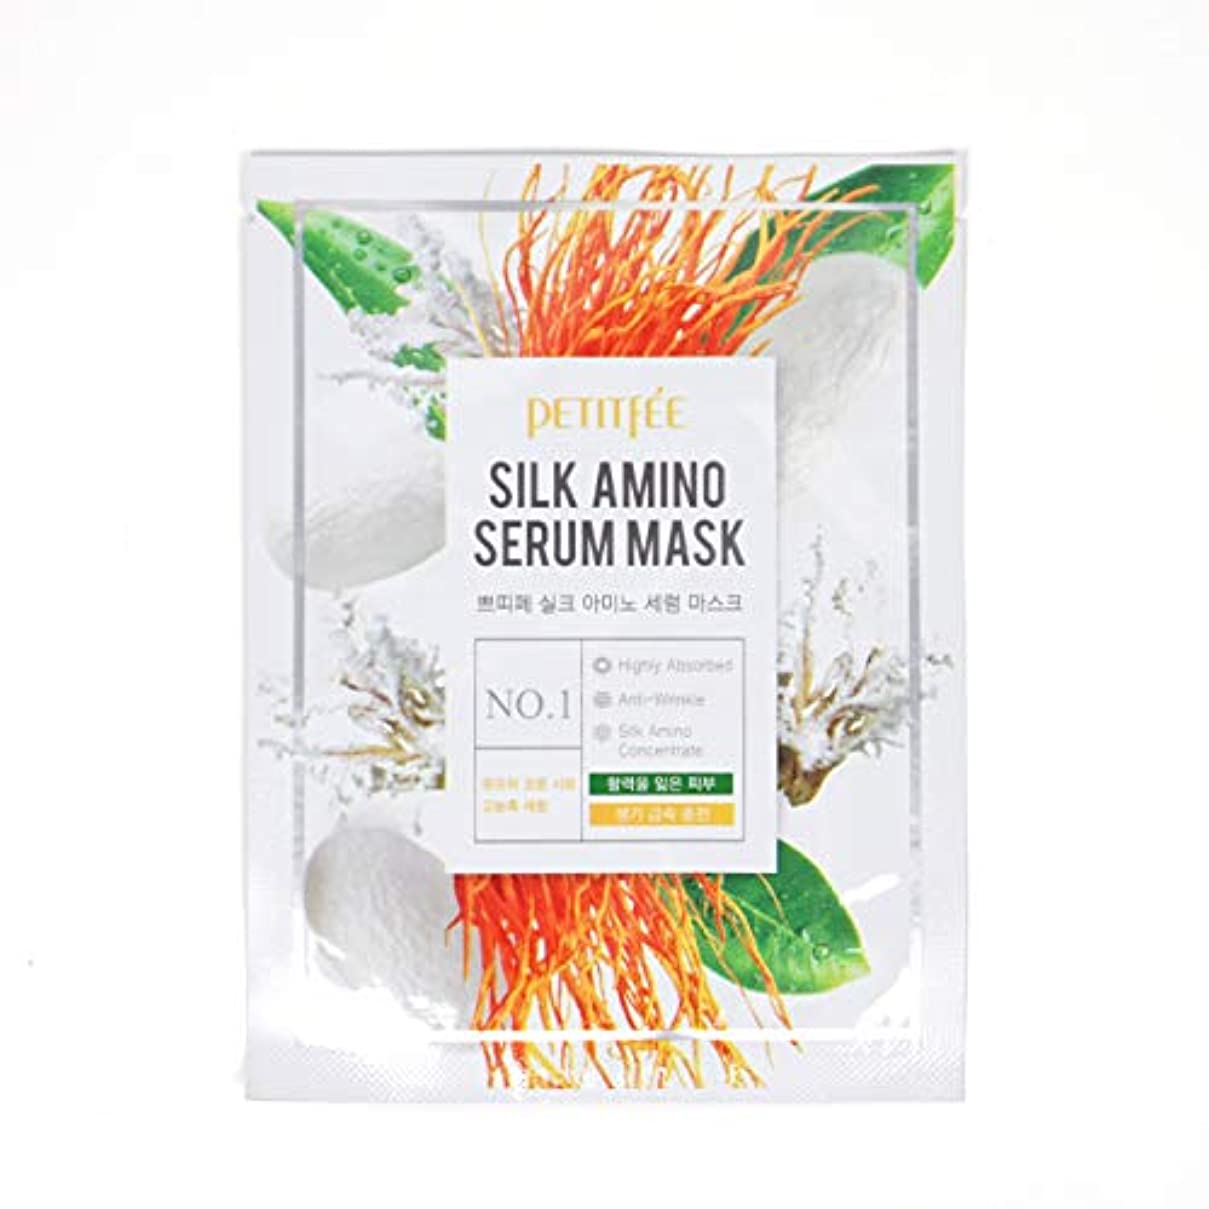 エネルギーレプリカメモPETITFEE (プチペ) シルクアミノセラムマスク 25gx10P (保湿) / Silk Amino Serum Mask